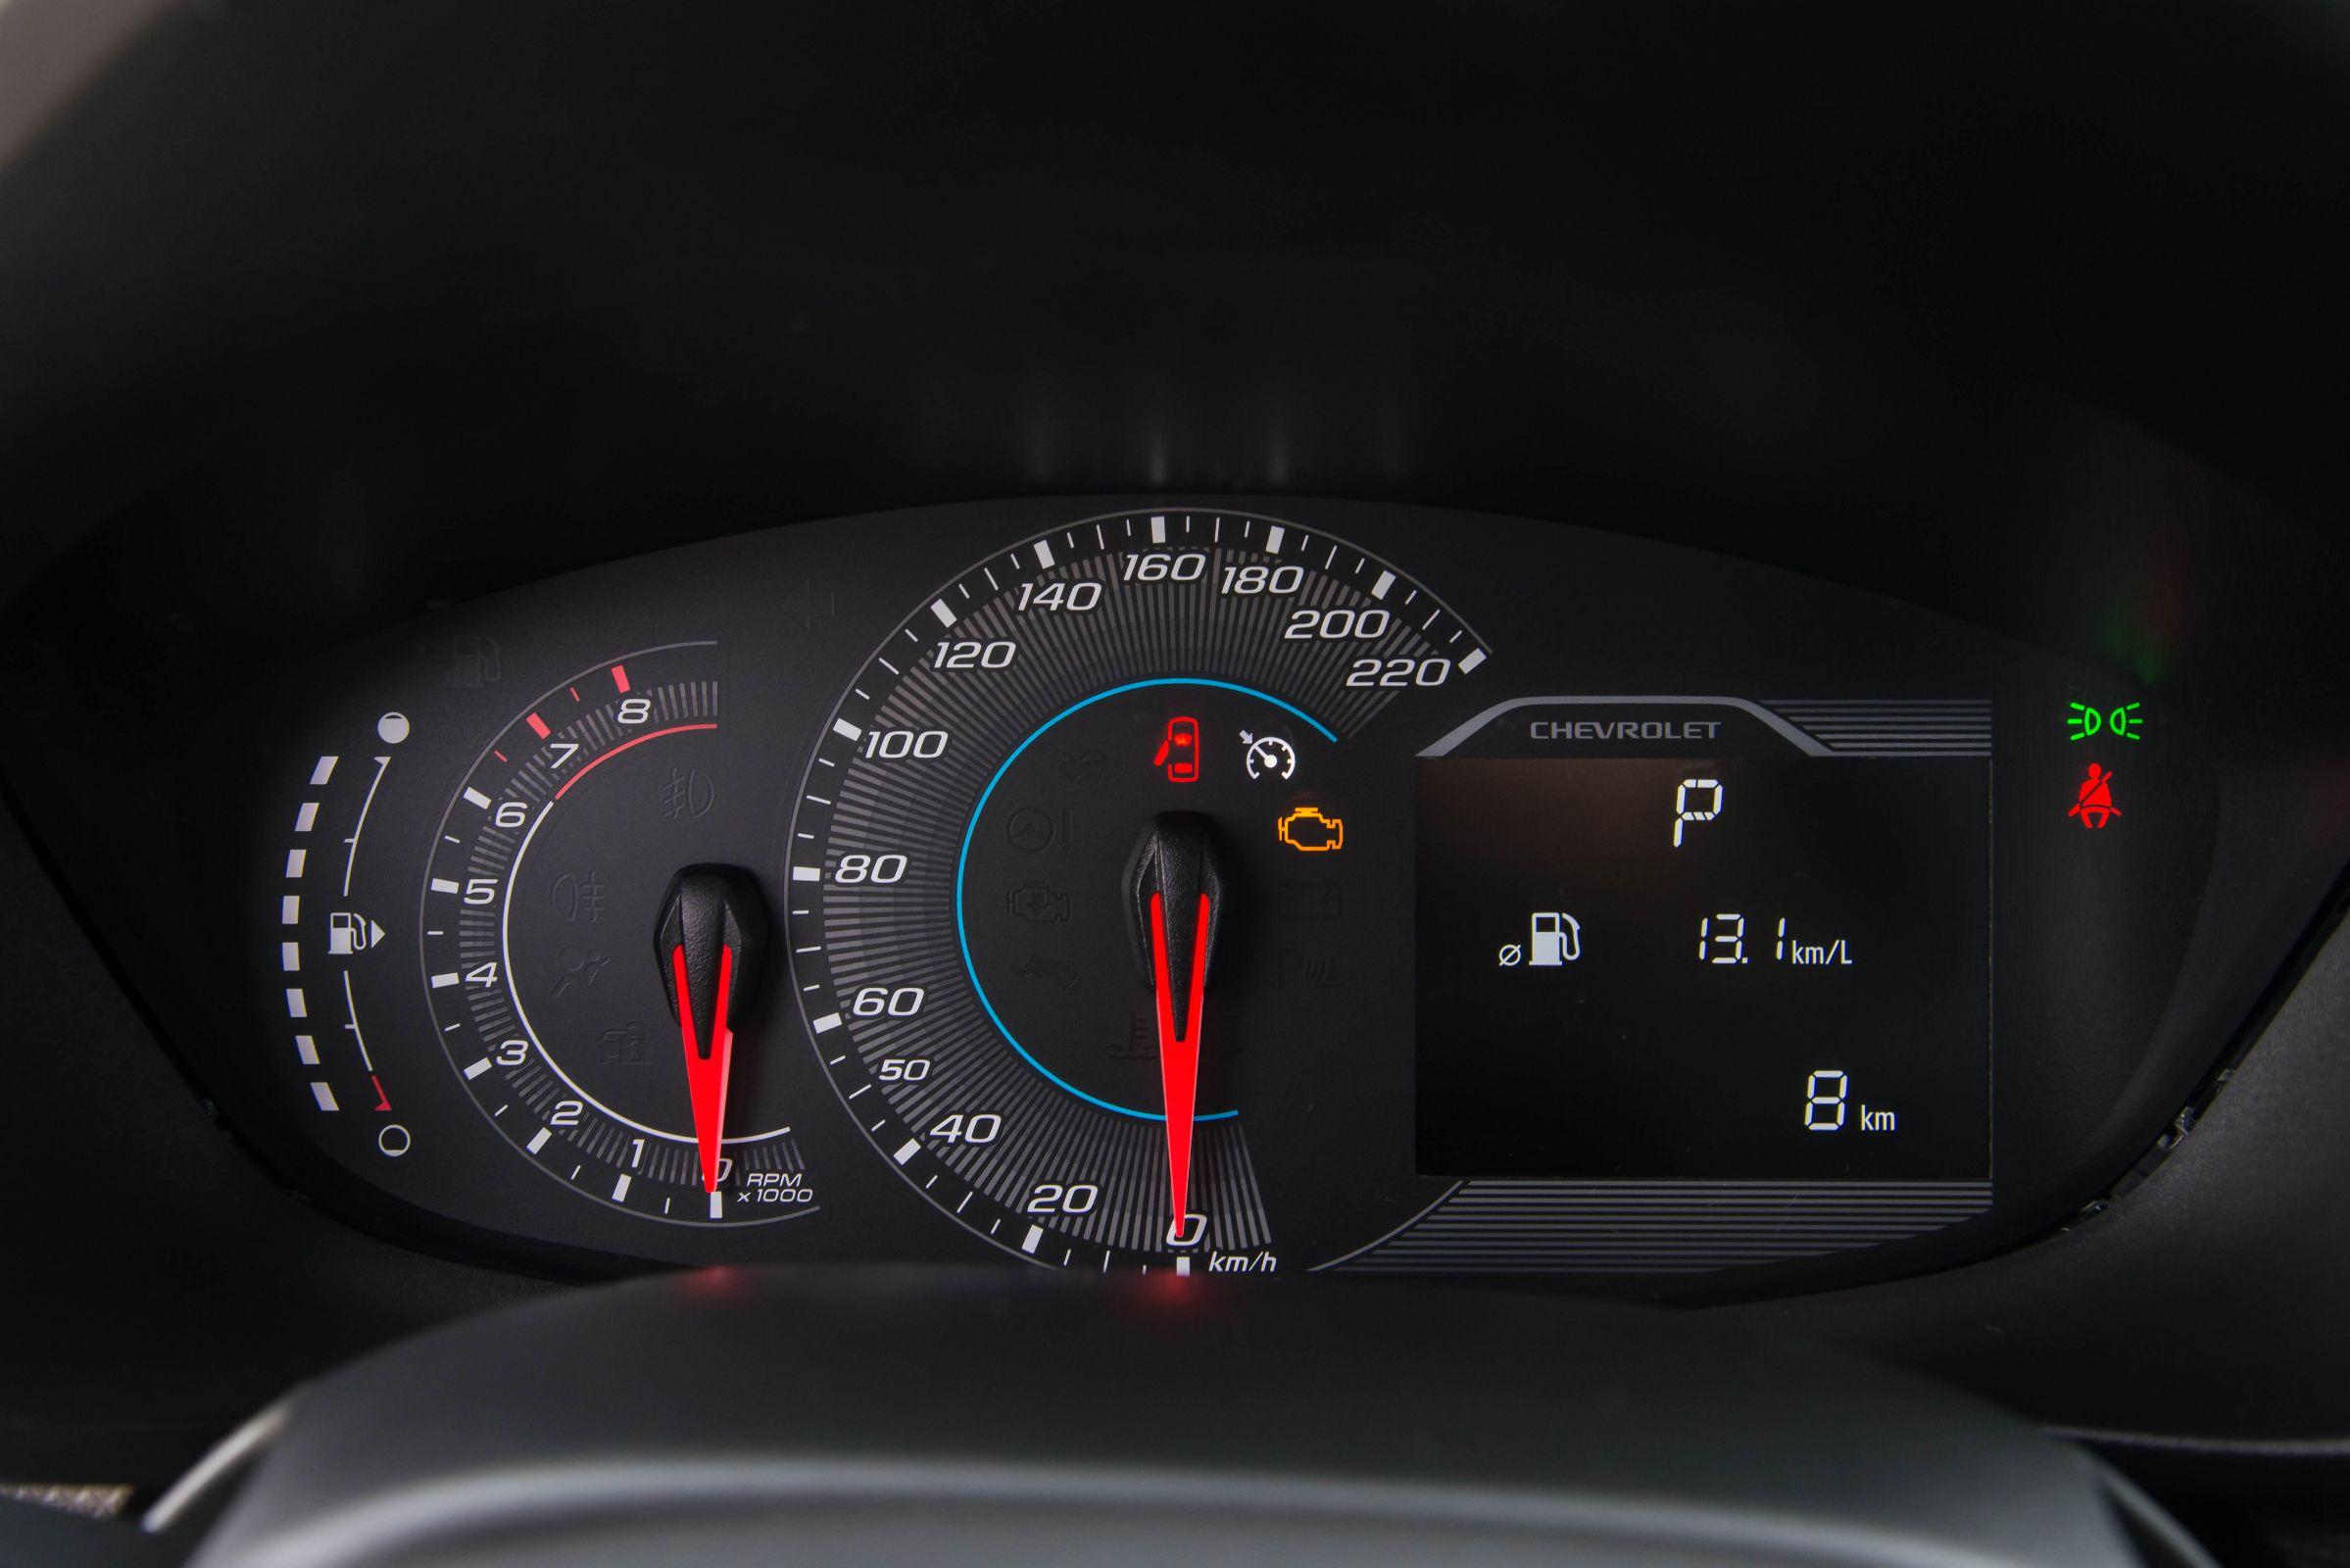 Apresentado pela Chevrolet, o novo Spin chega ao mercado brasileiro com preços entre R$63.990 e R$83.490. Mudanças se concentram no design e espaço interno.